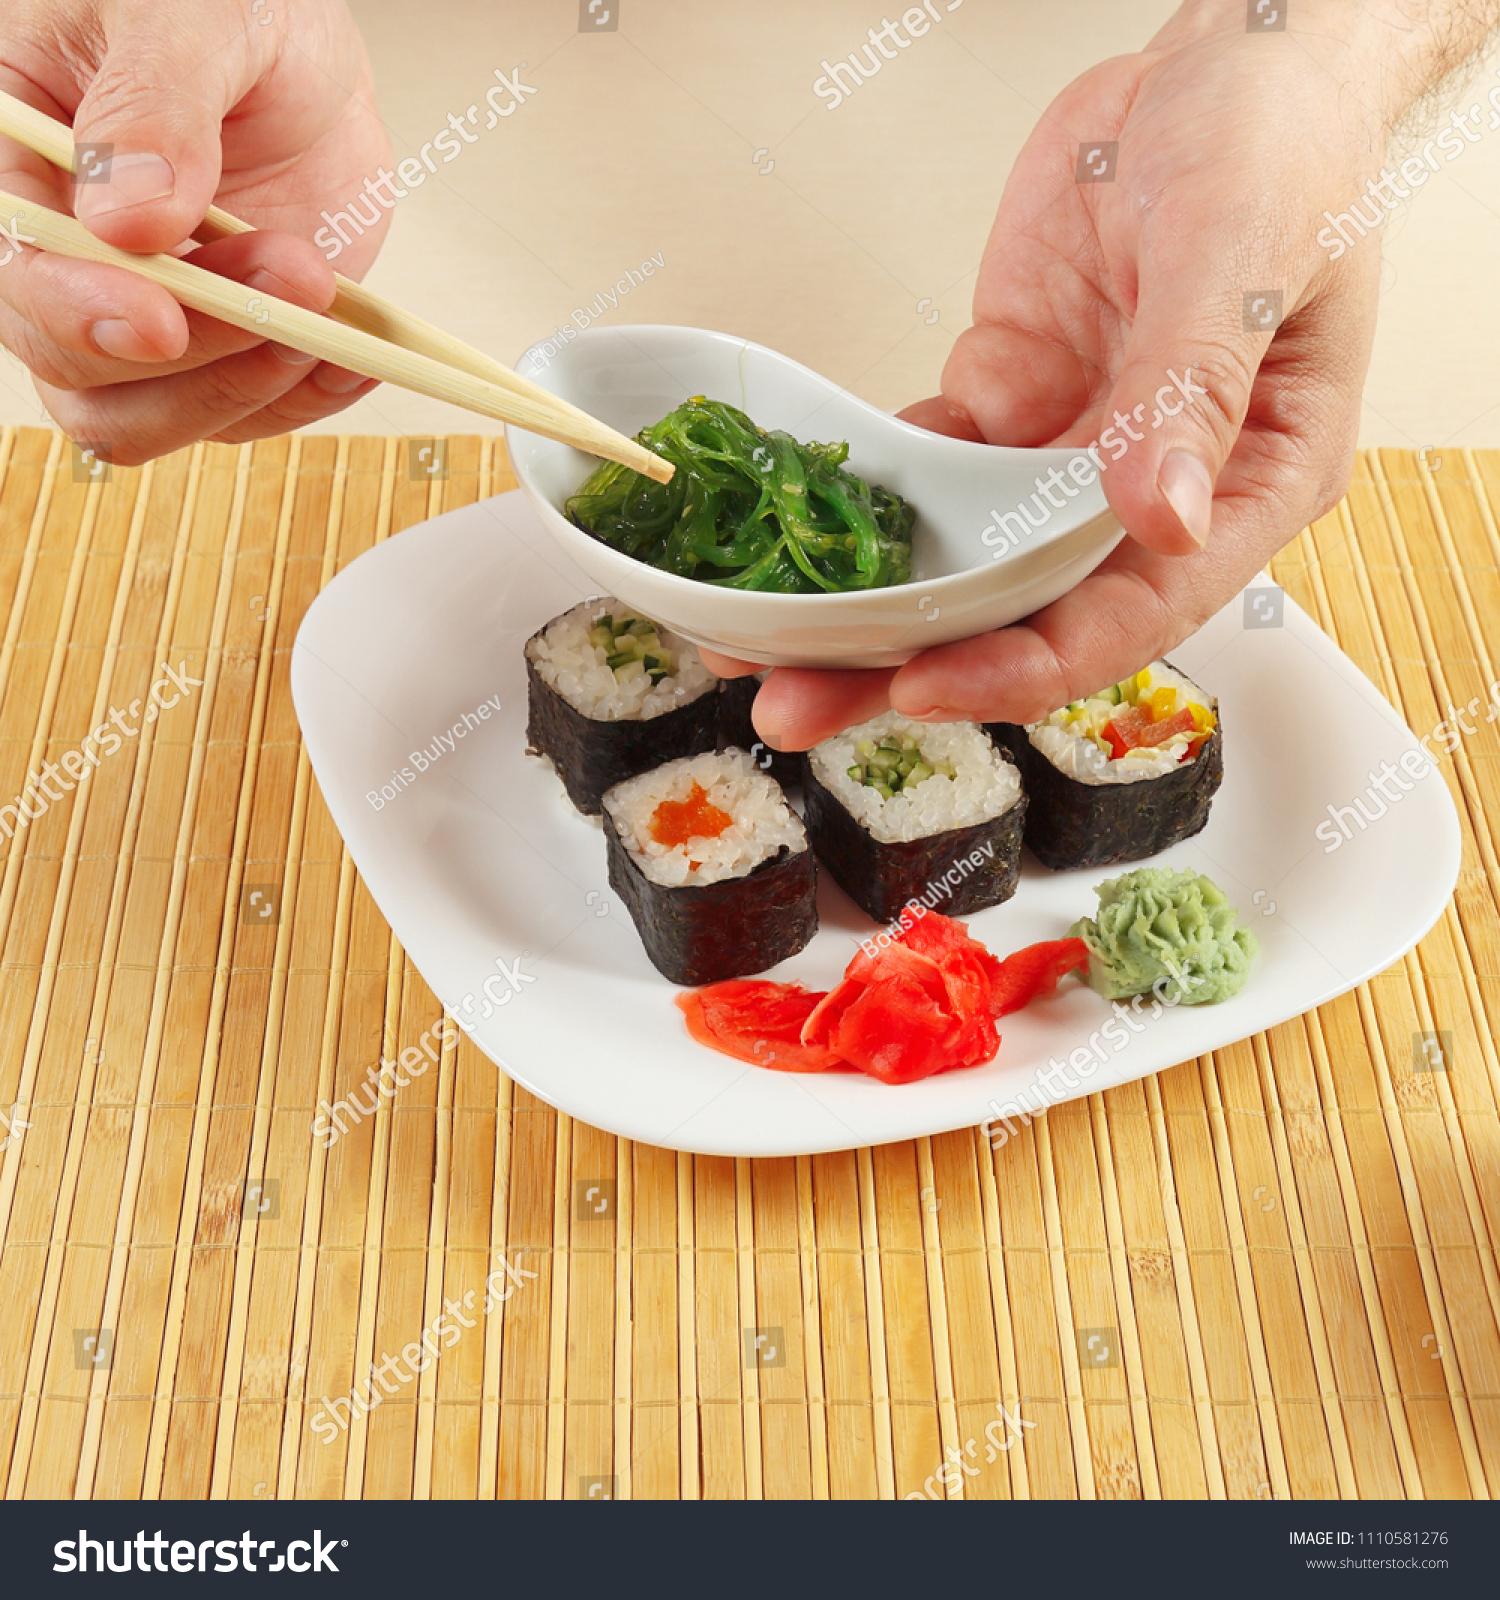 Hands Taking Hiyashi Wakame Salad Chopsticks Stock Photo